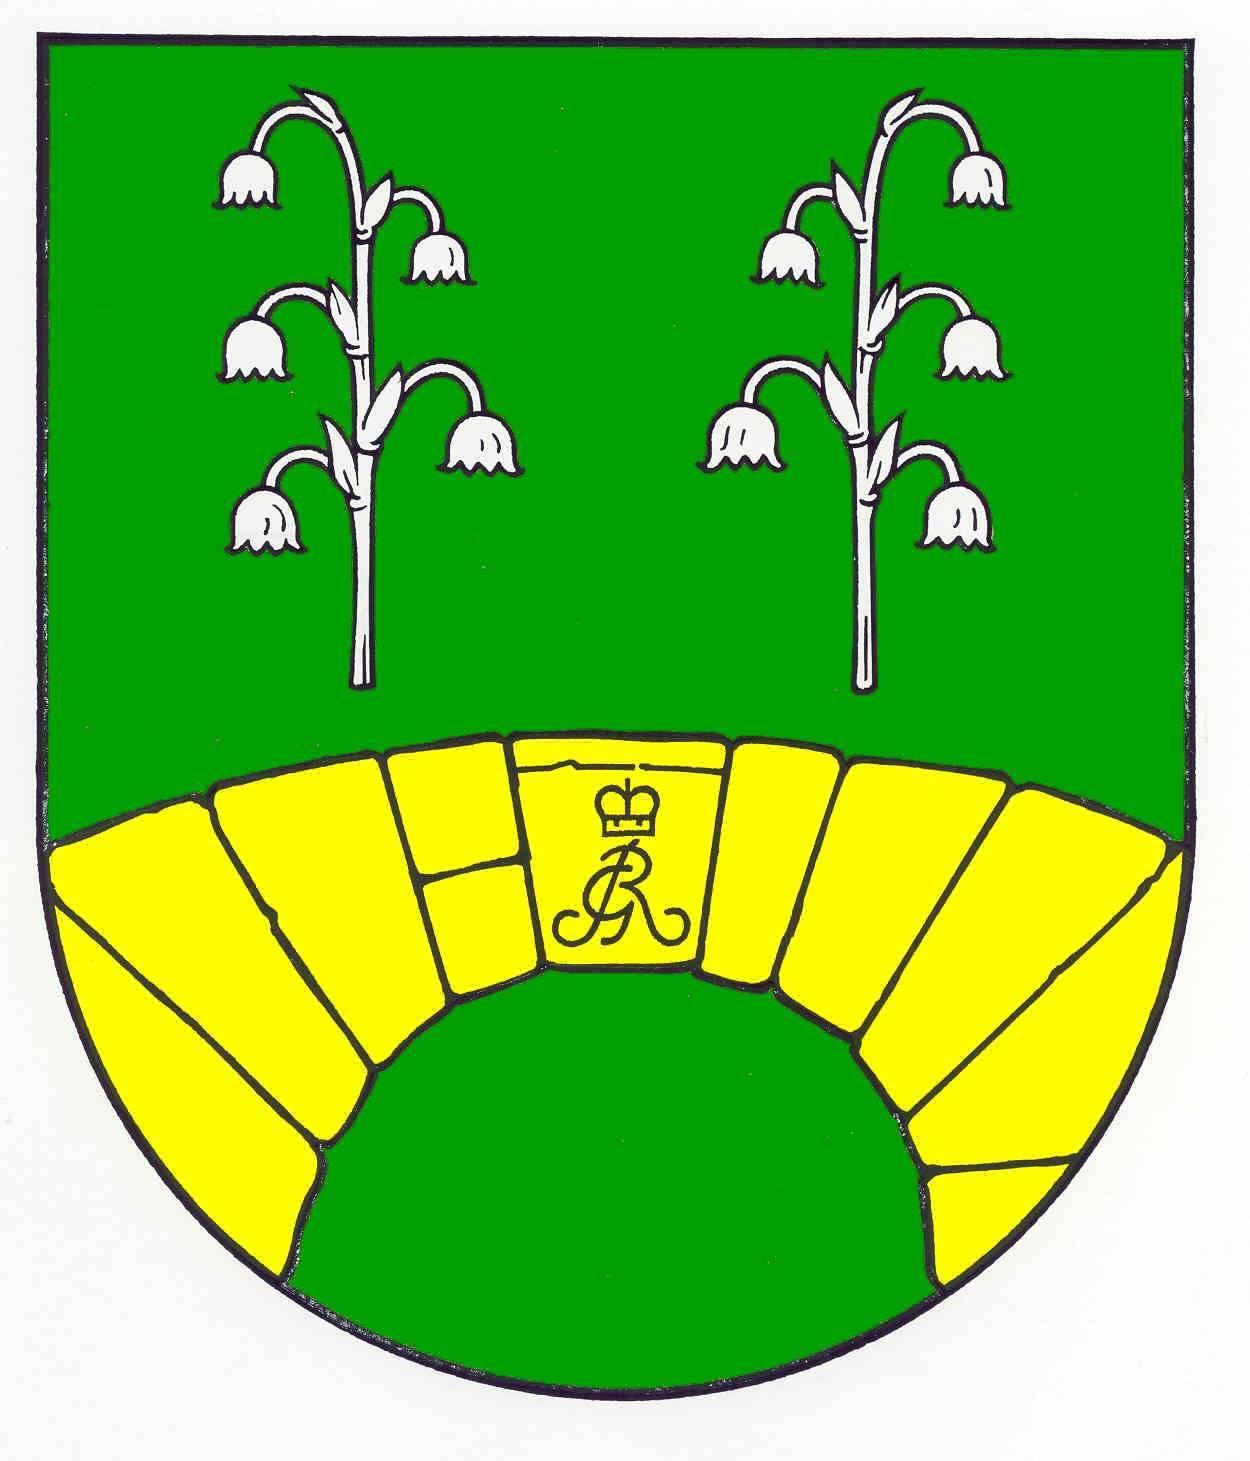 Wappen GemeindeEscheburg, Kreis Herzogtum Lauenburg